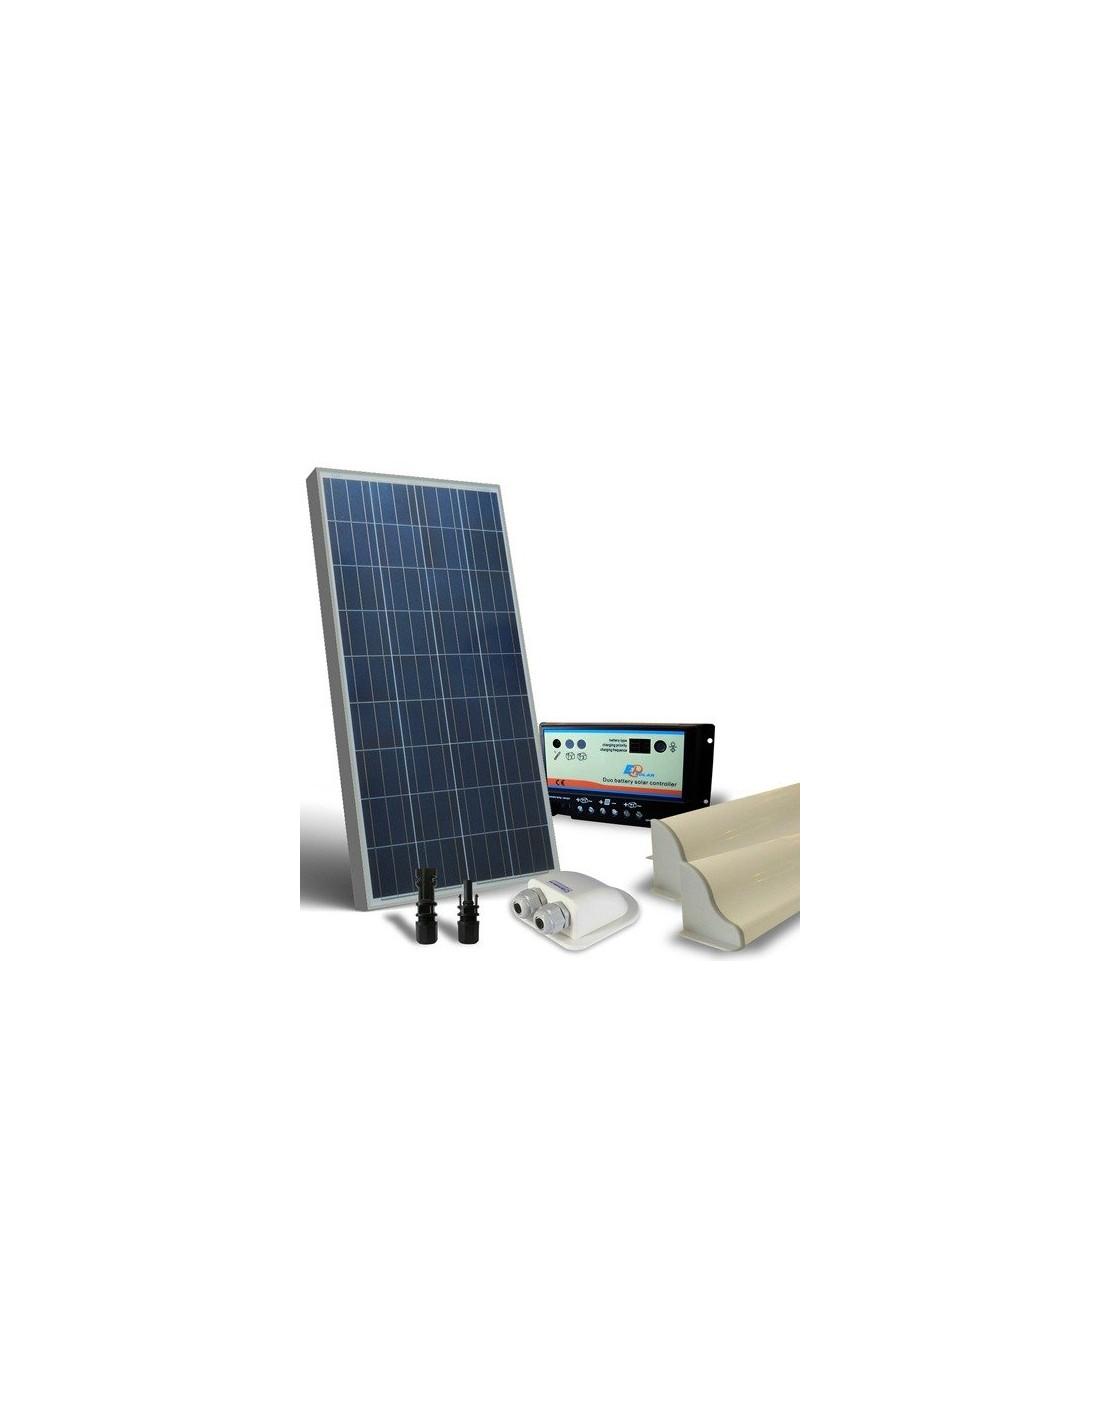 solar kit camper 130w 12v base photovoltaic panel. Black Bedroom Furniture Sets. Home Design Ideas